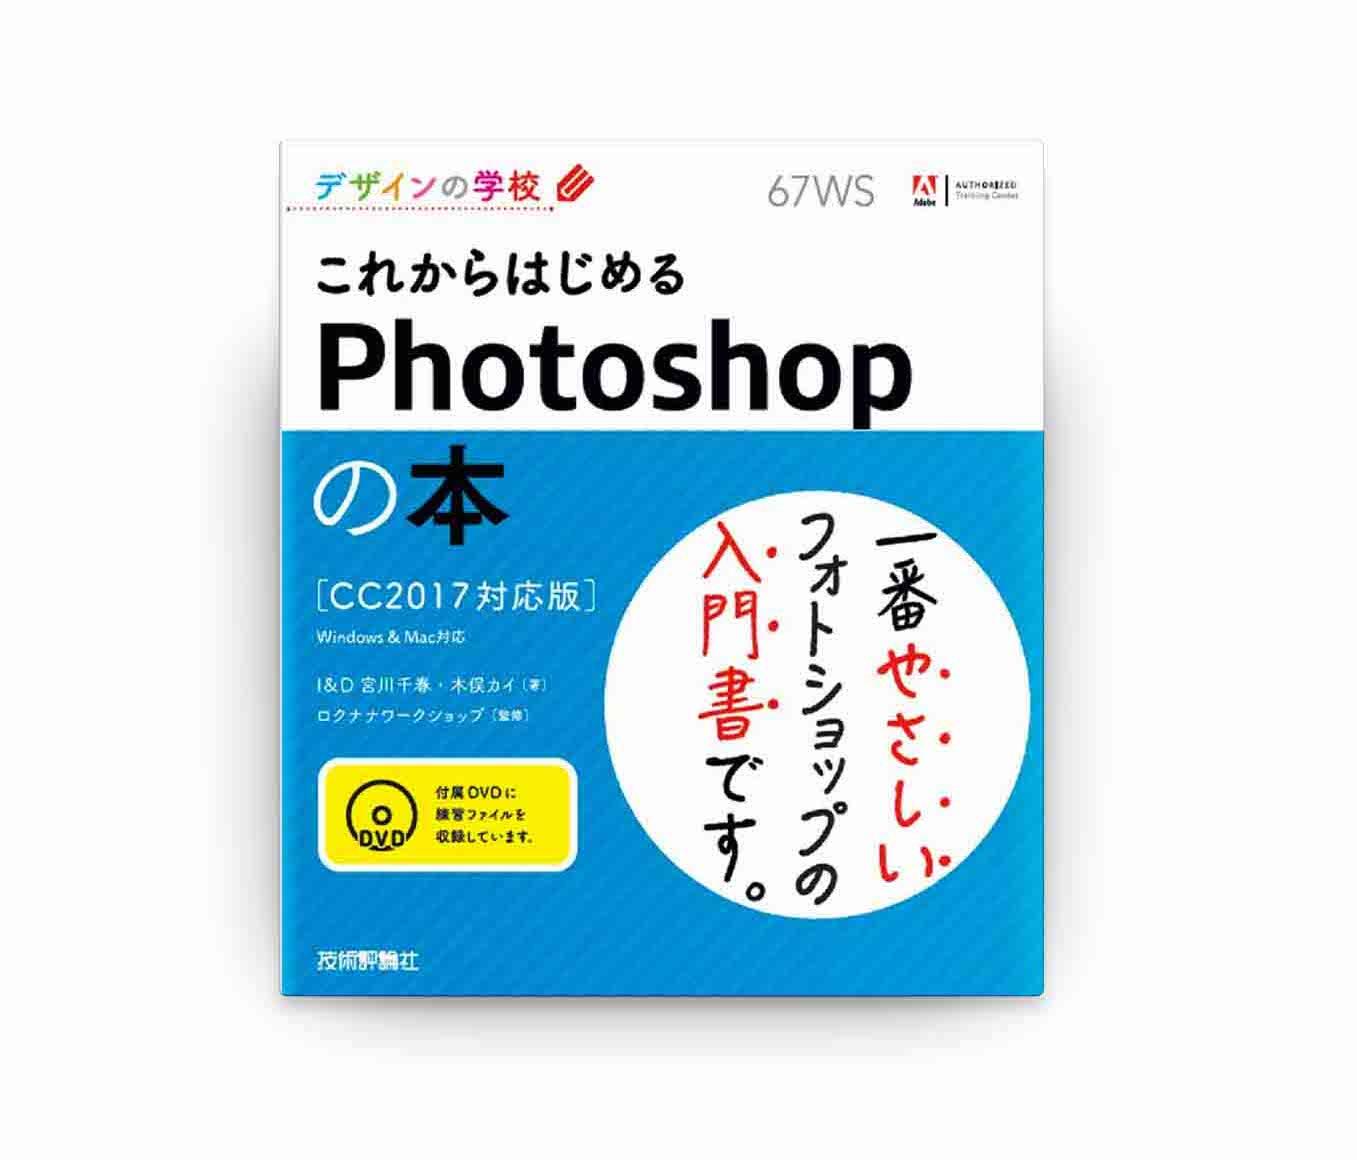 これから始めるphotoshopの本